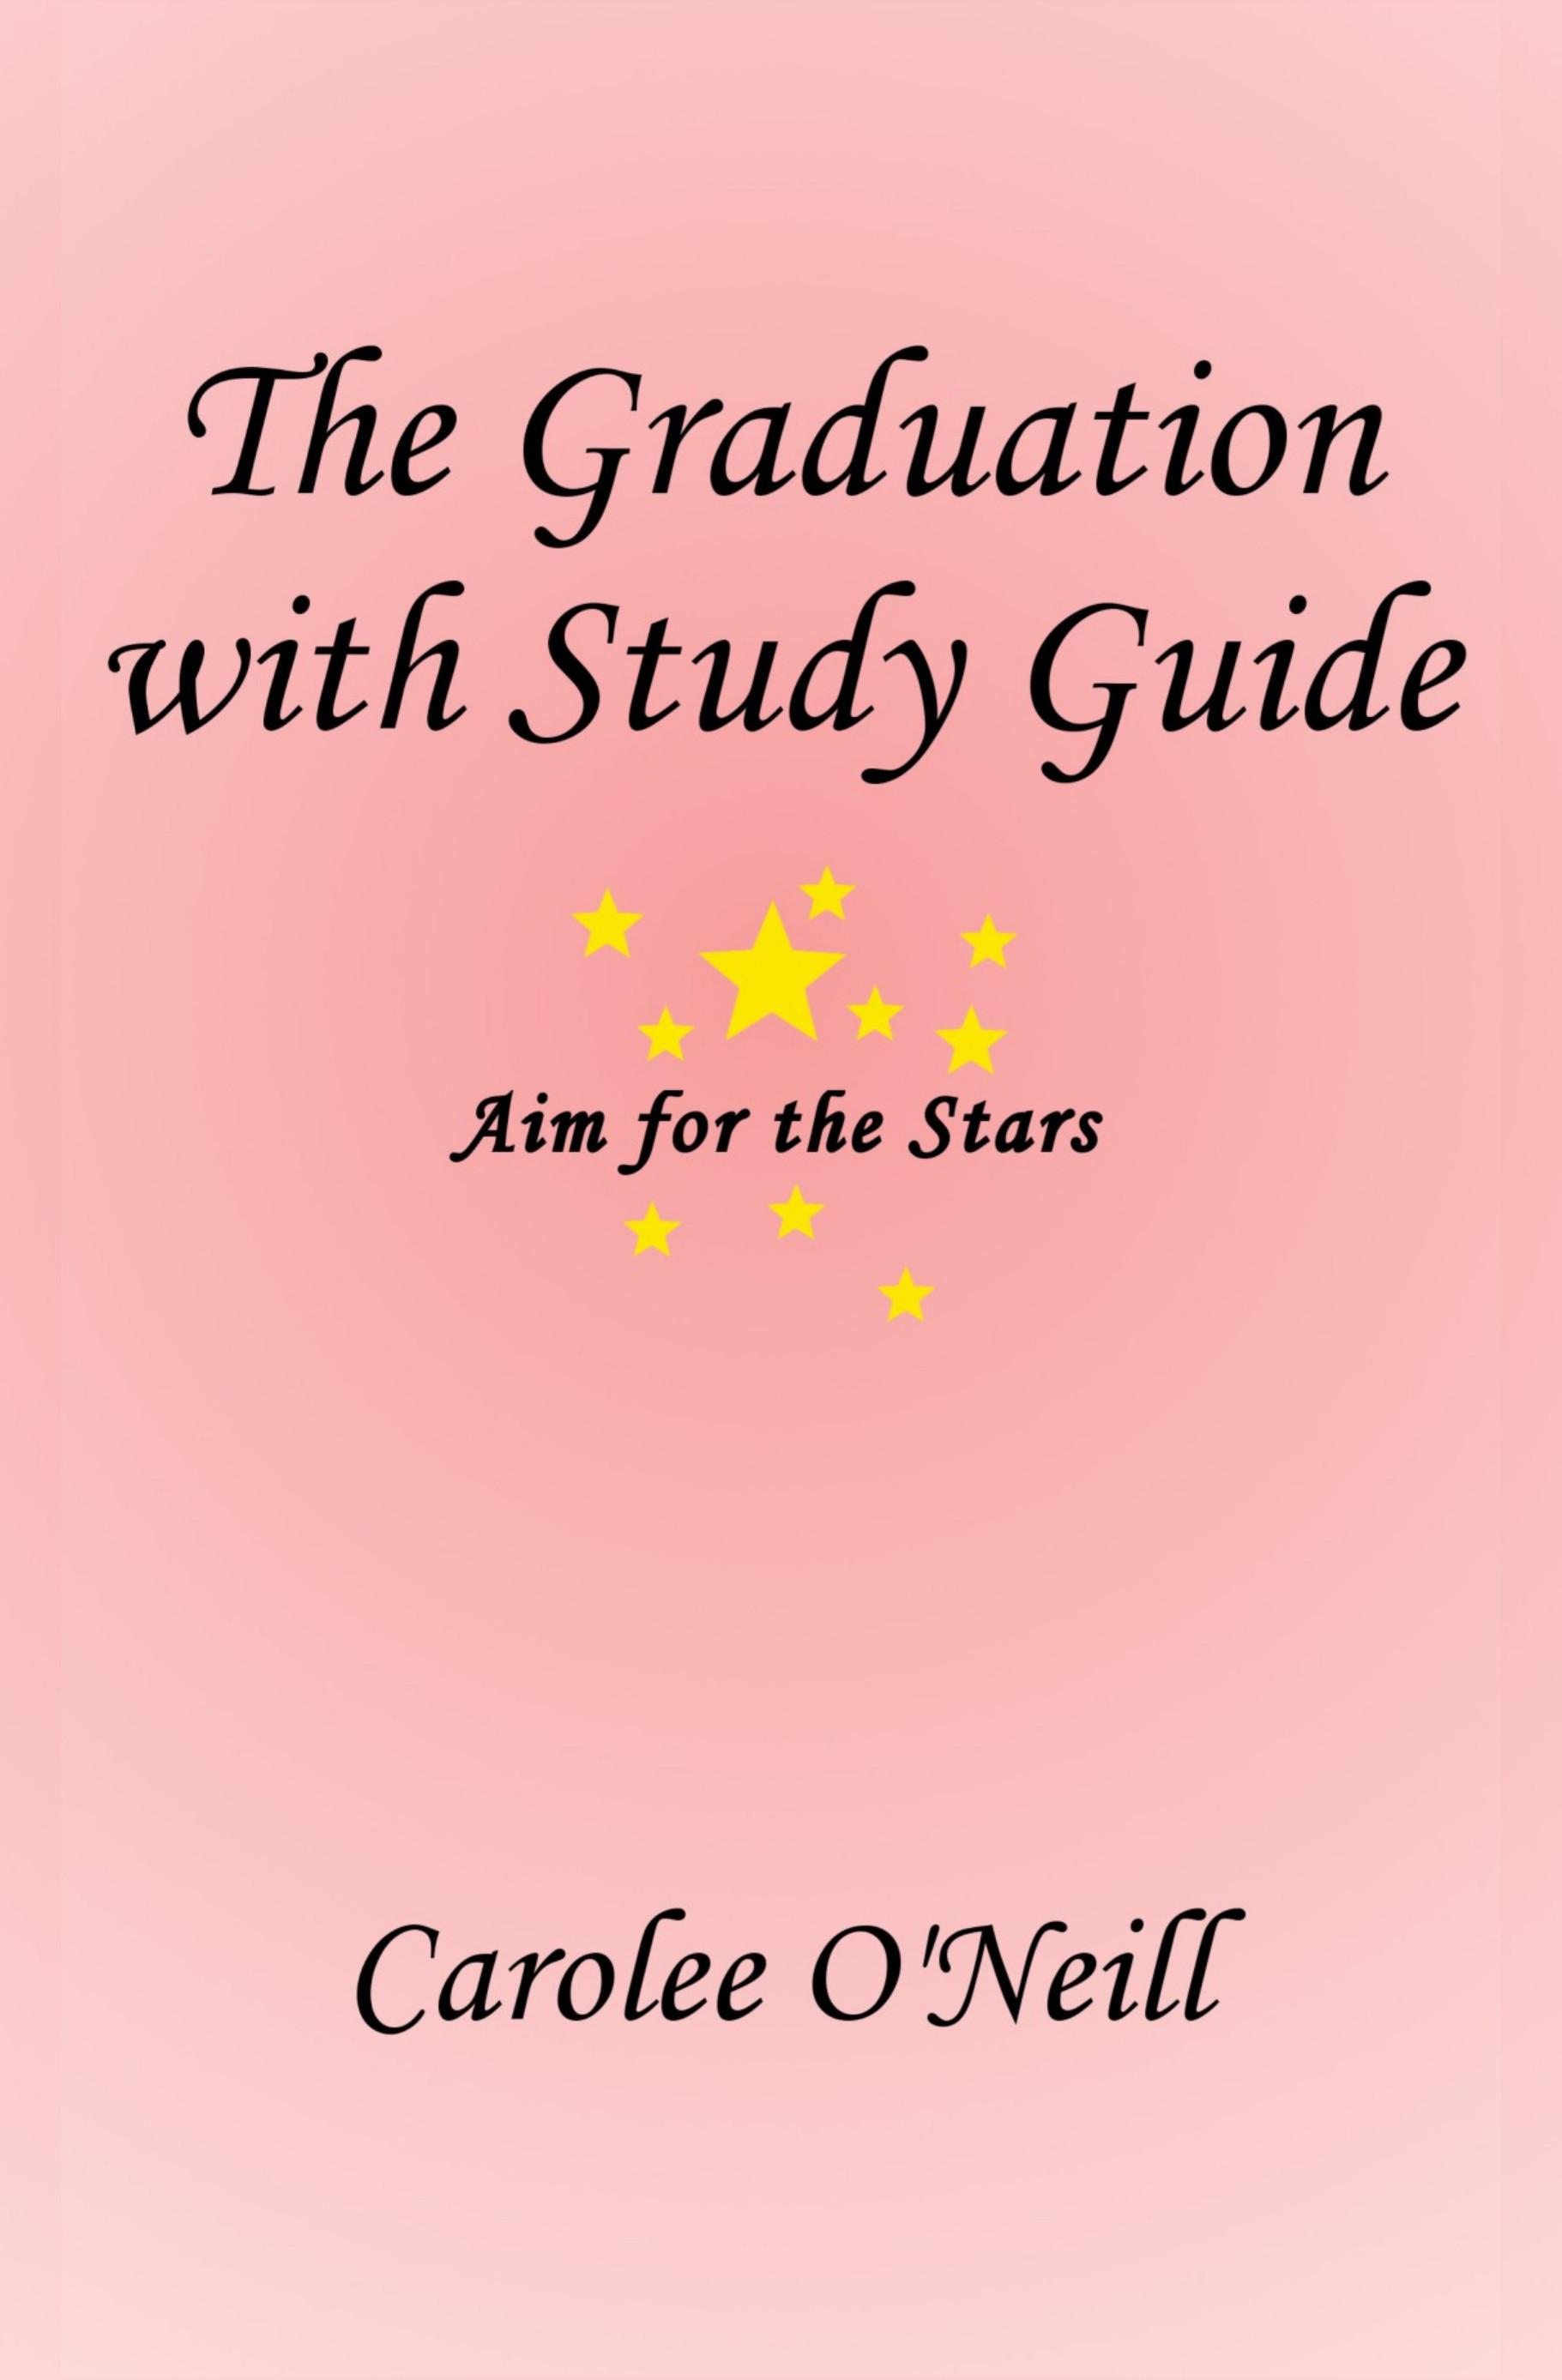 Grad Study Guide frtcvr 12 27 17 (1)